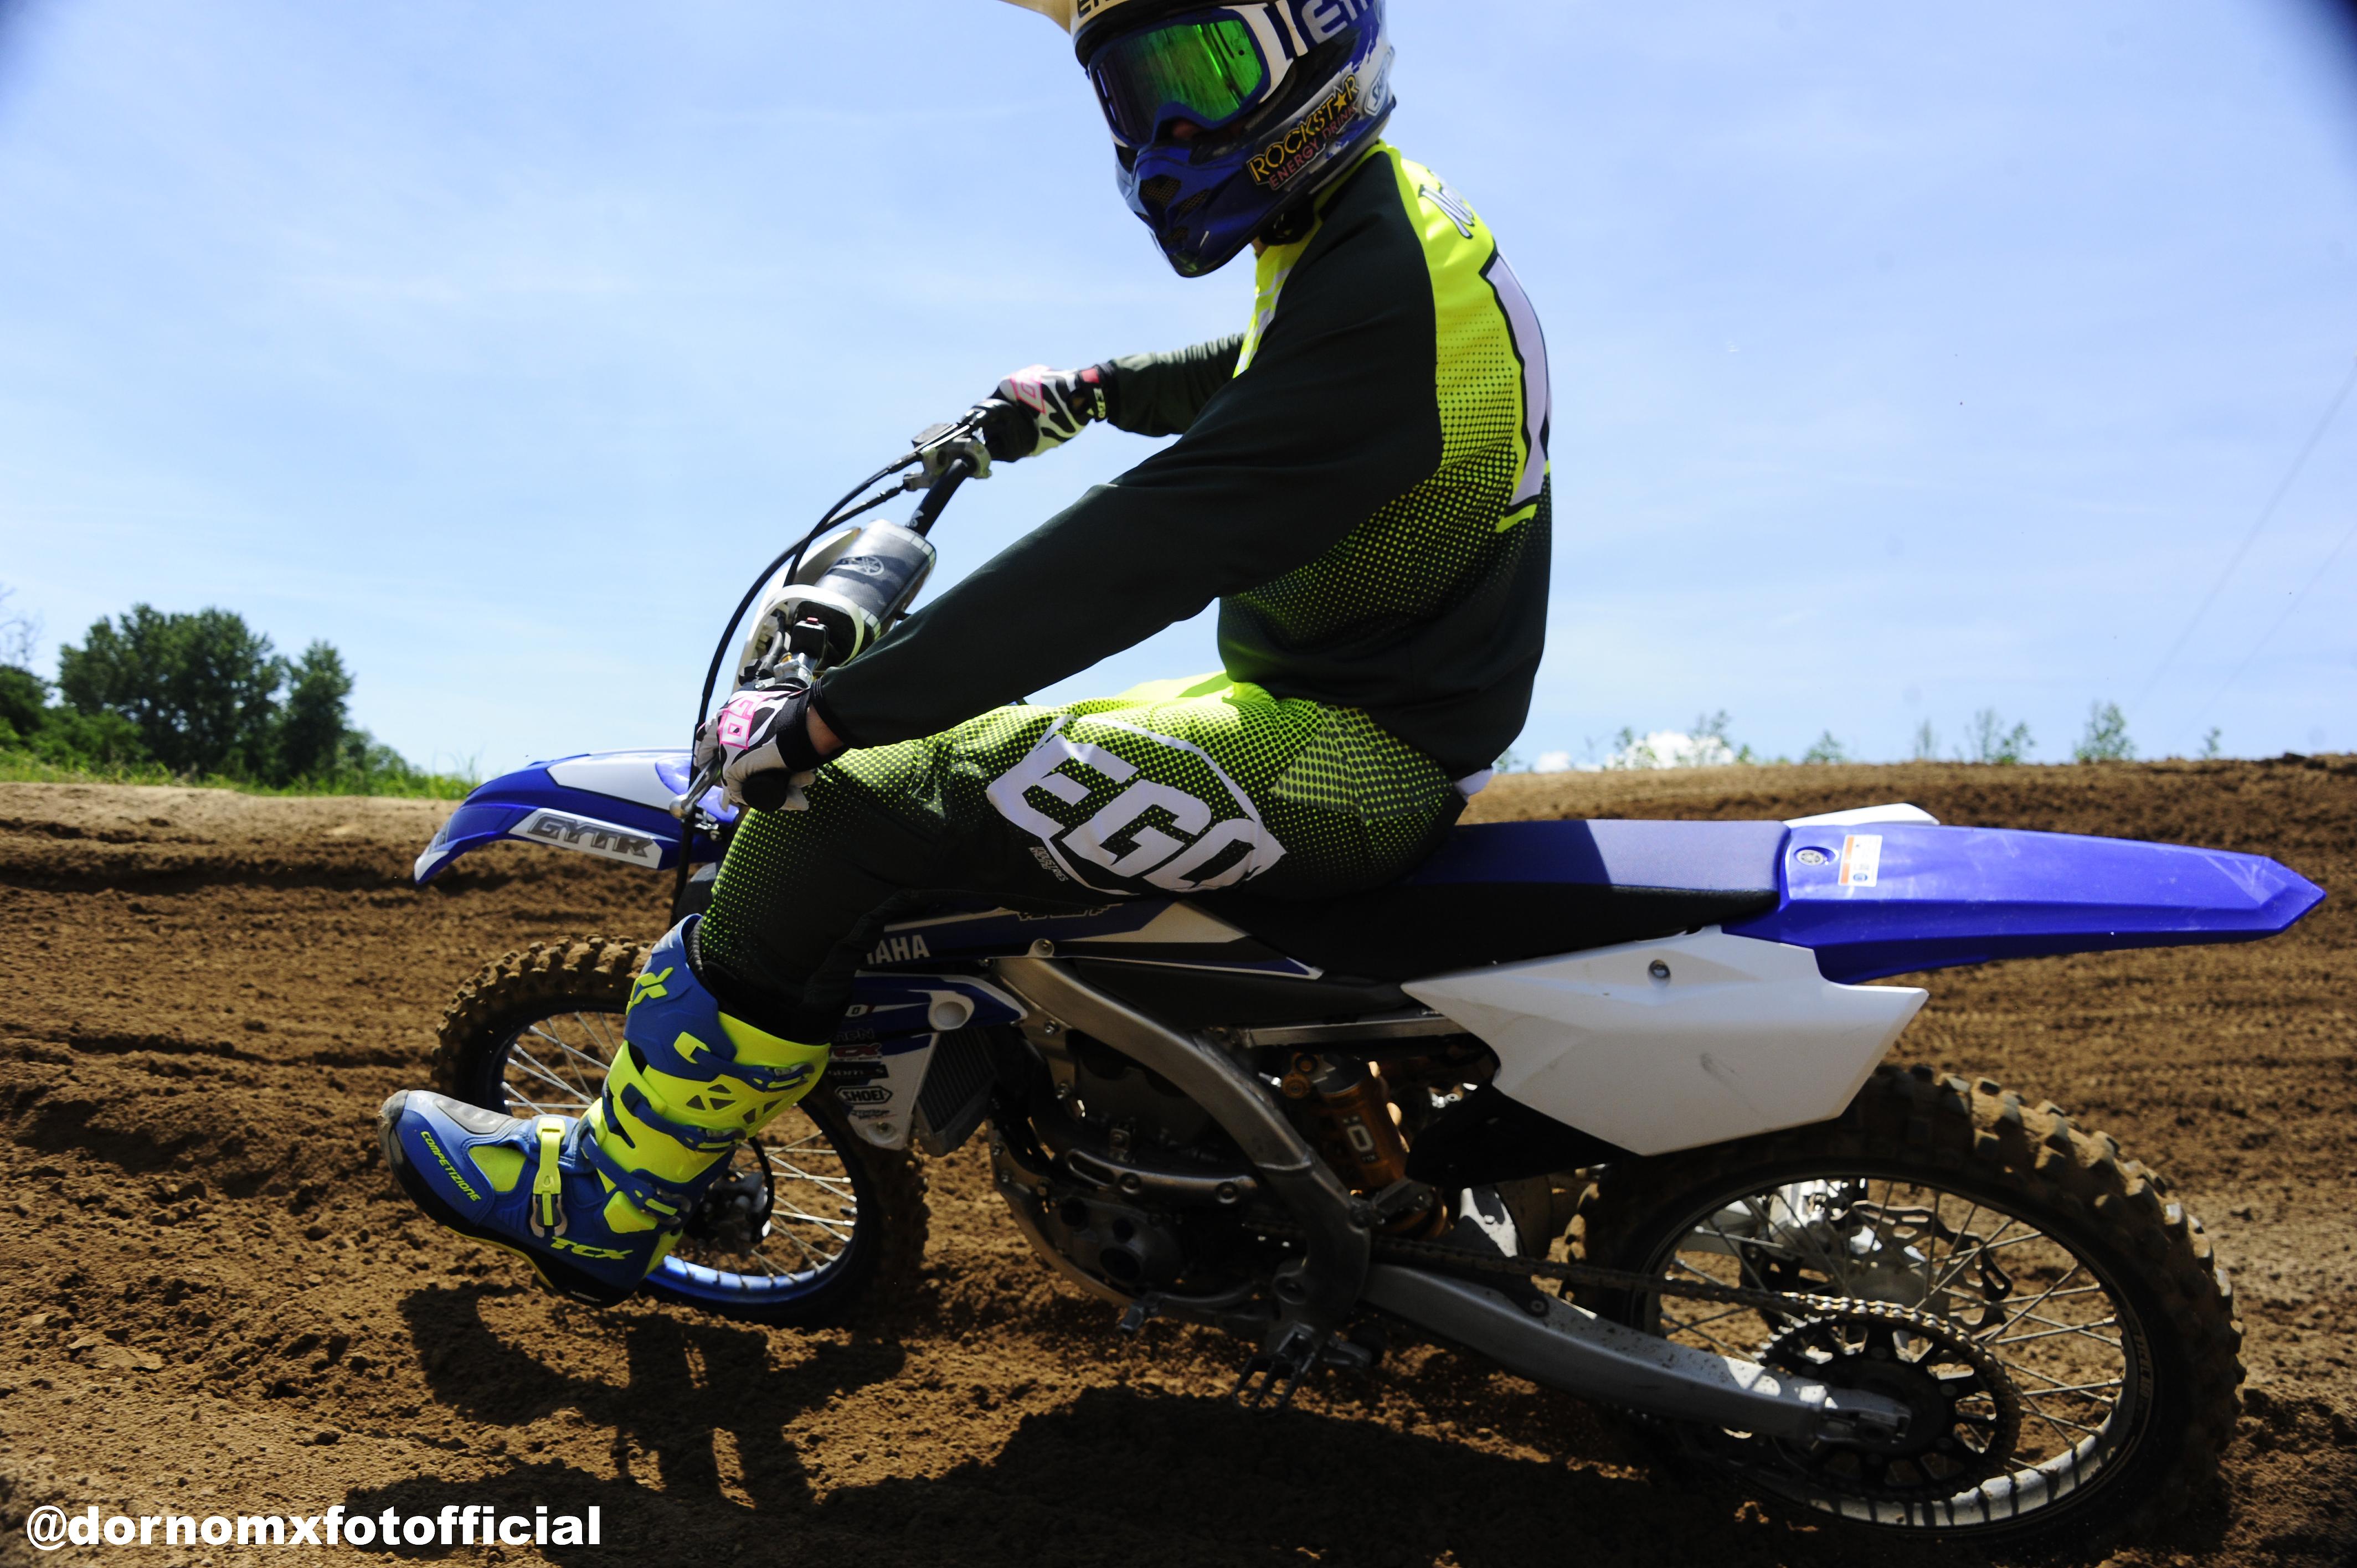 Abbigliamento Personalizzato Motocross